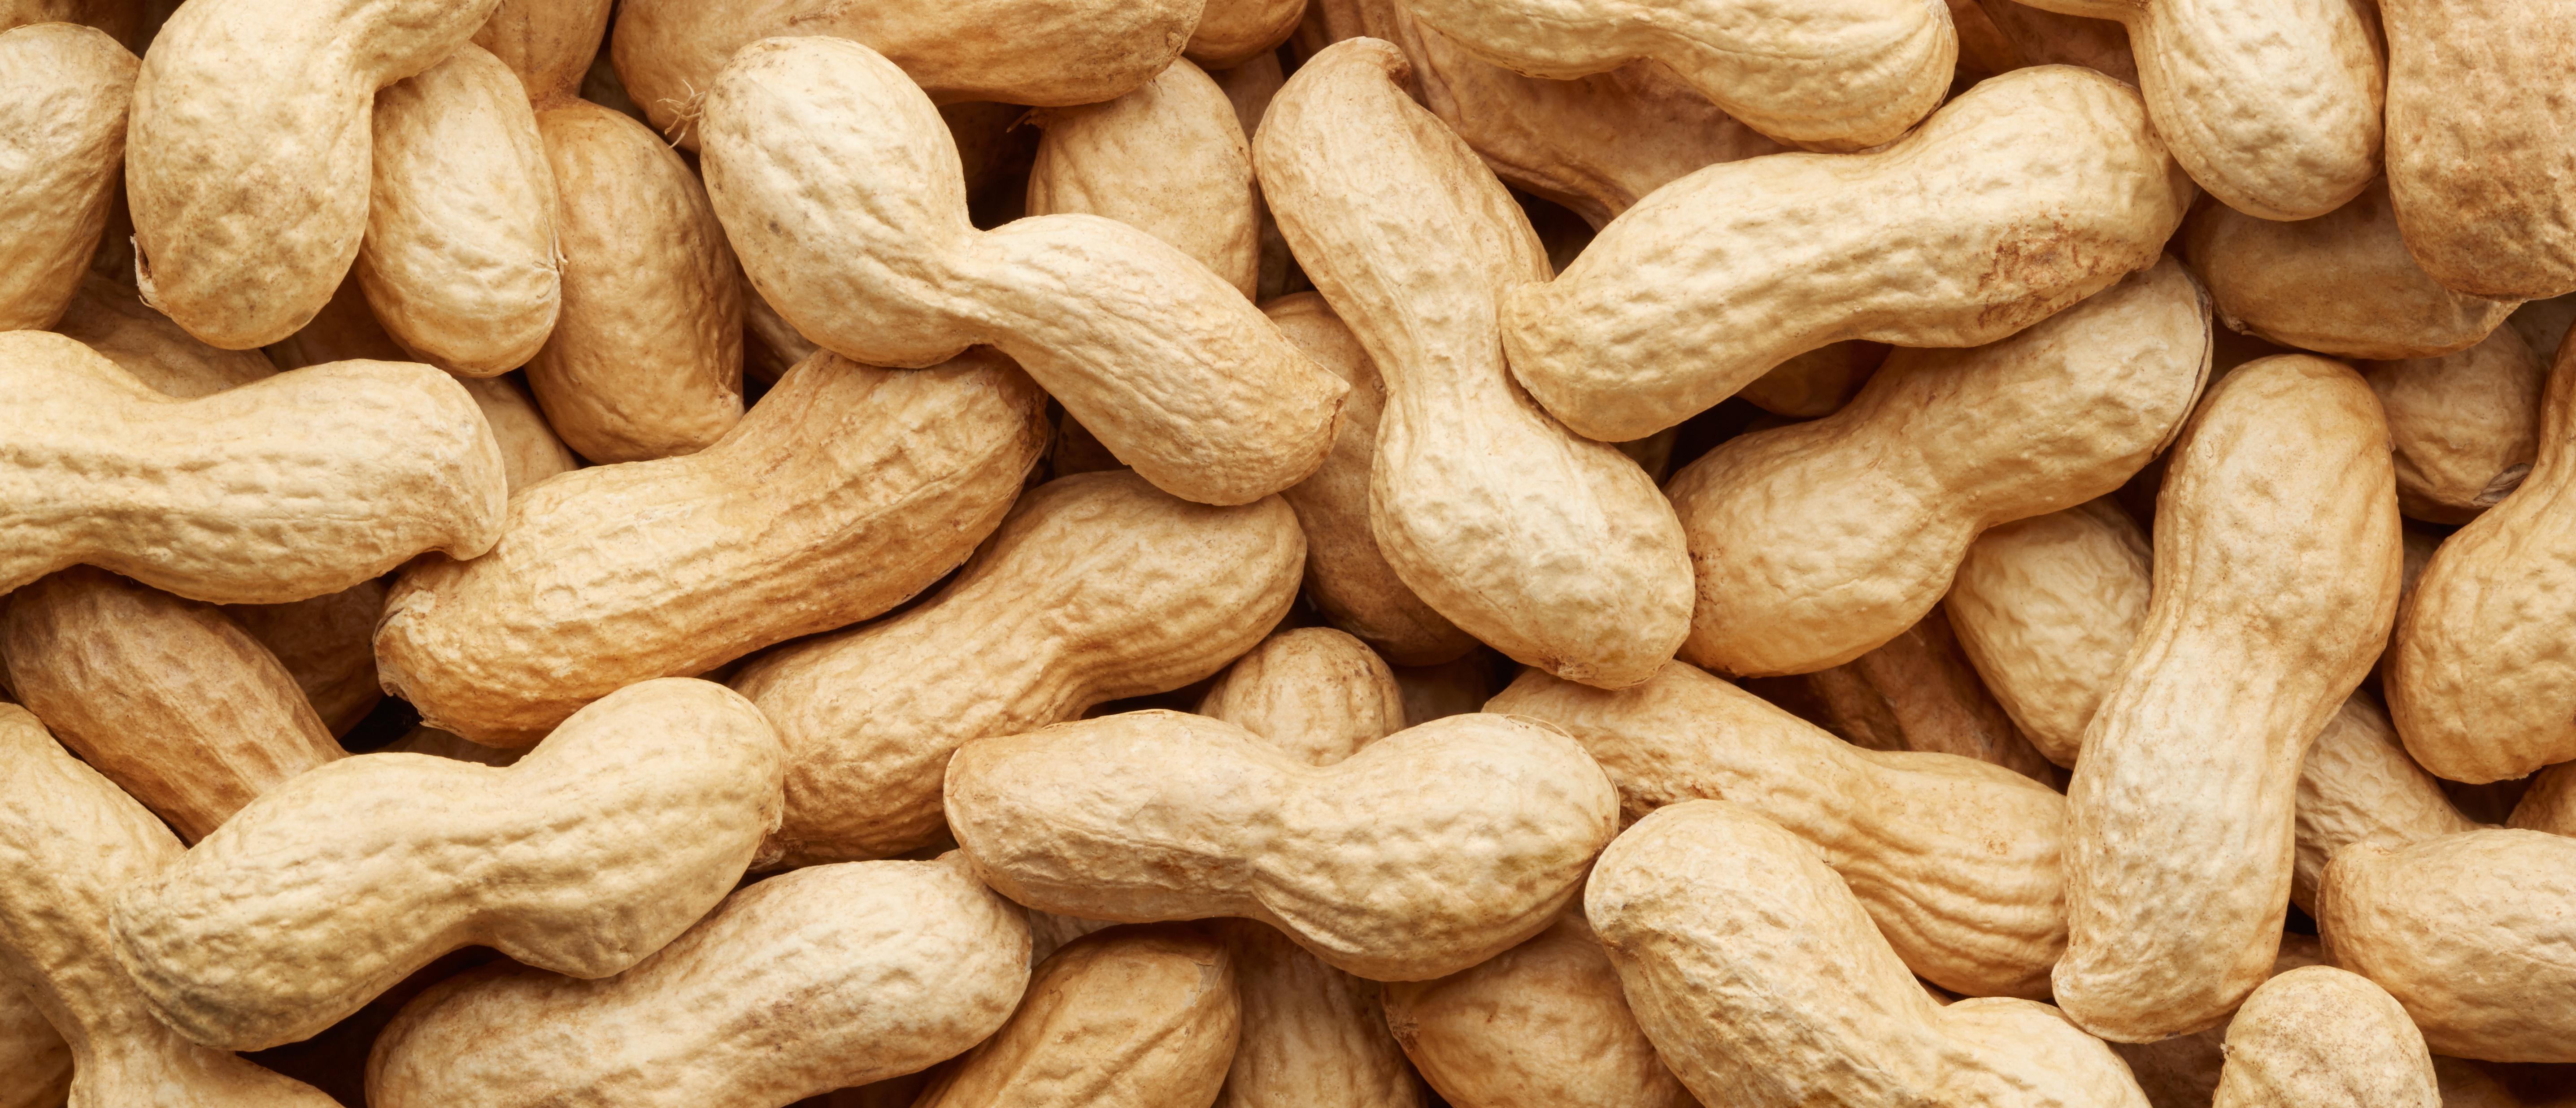 peanuts 300x129.jpg